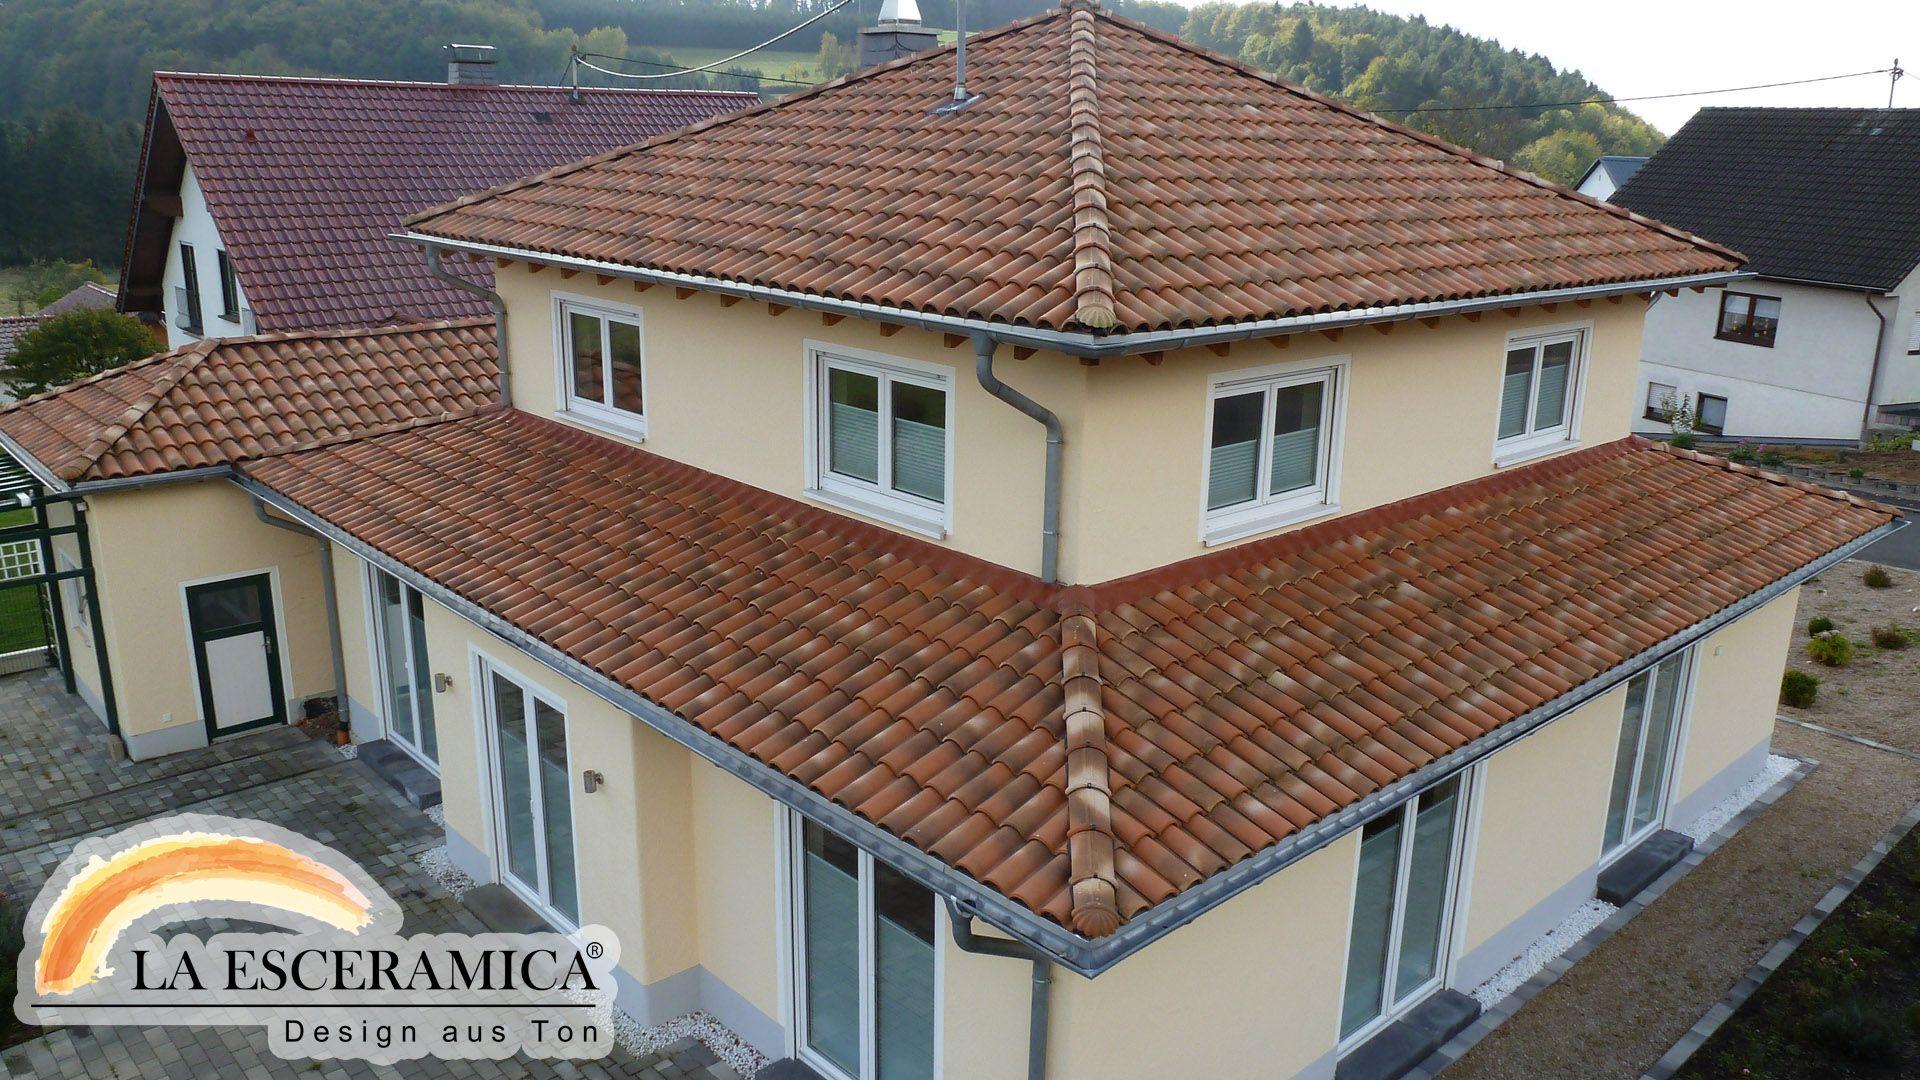 la esceramica dachziegel farbe toskana | dachziegel | pinterest - Farbe Vielli Castell